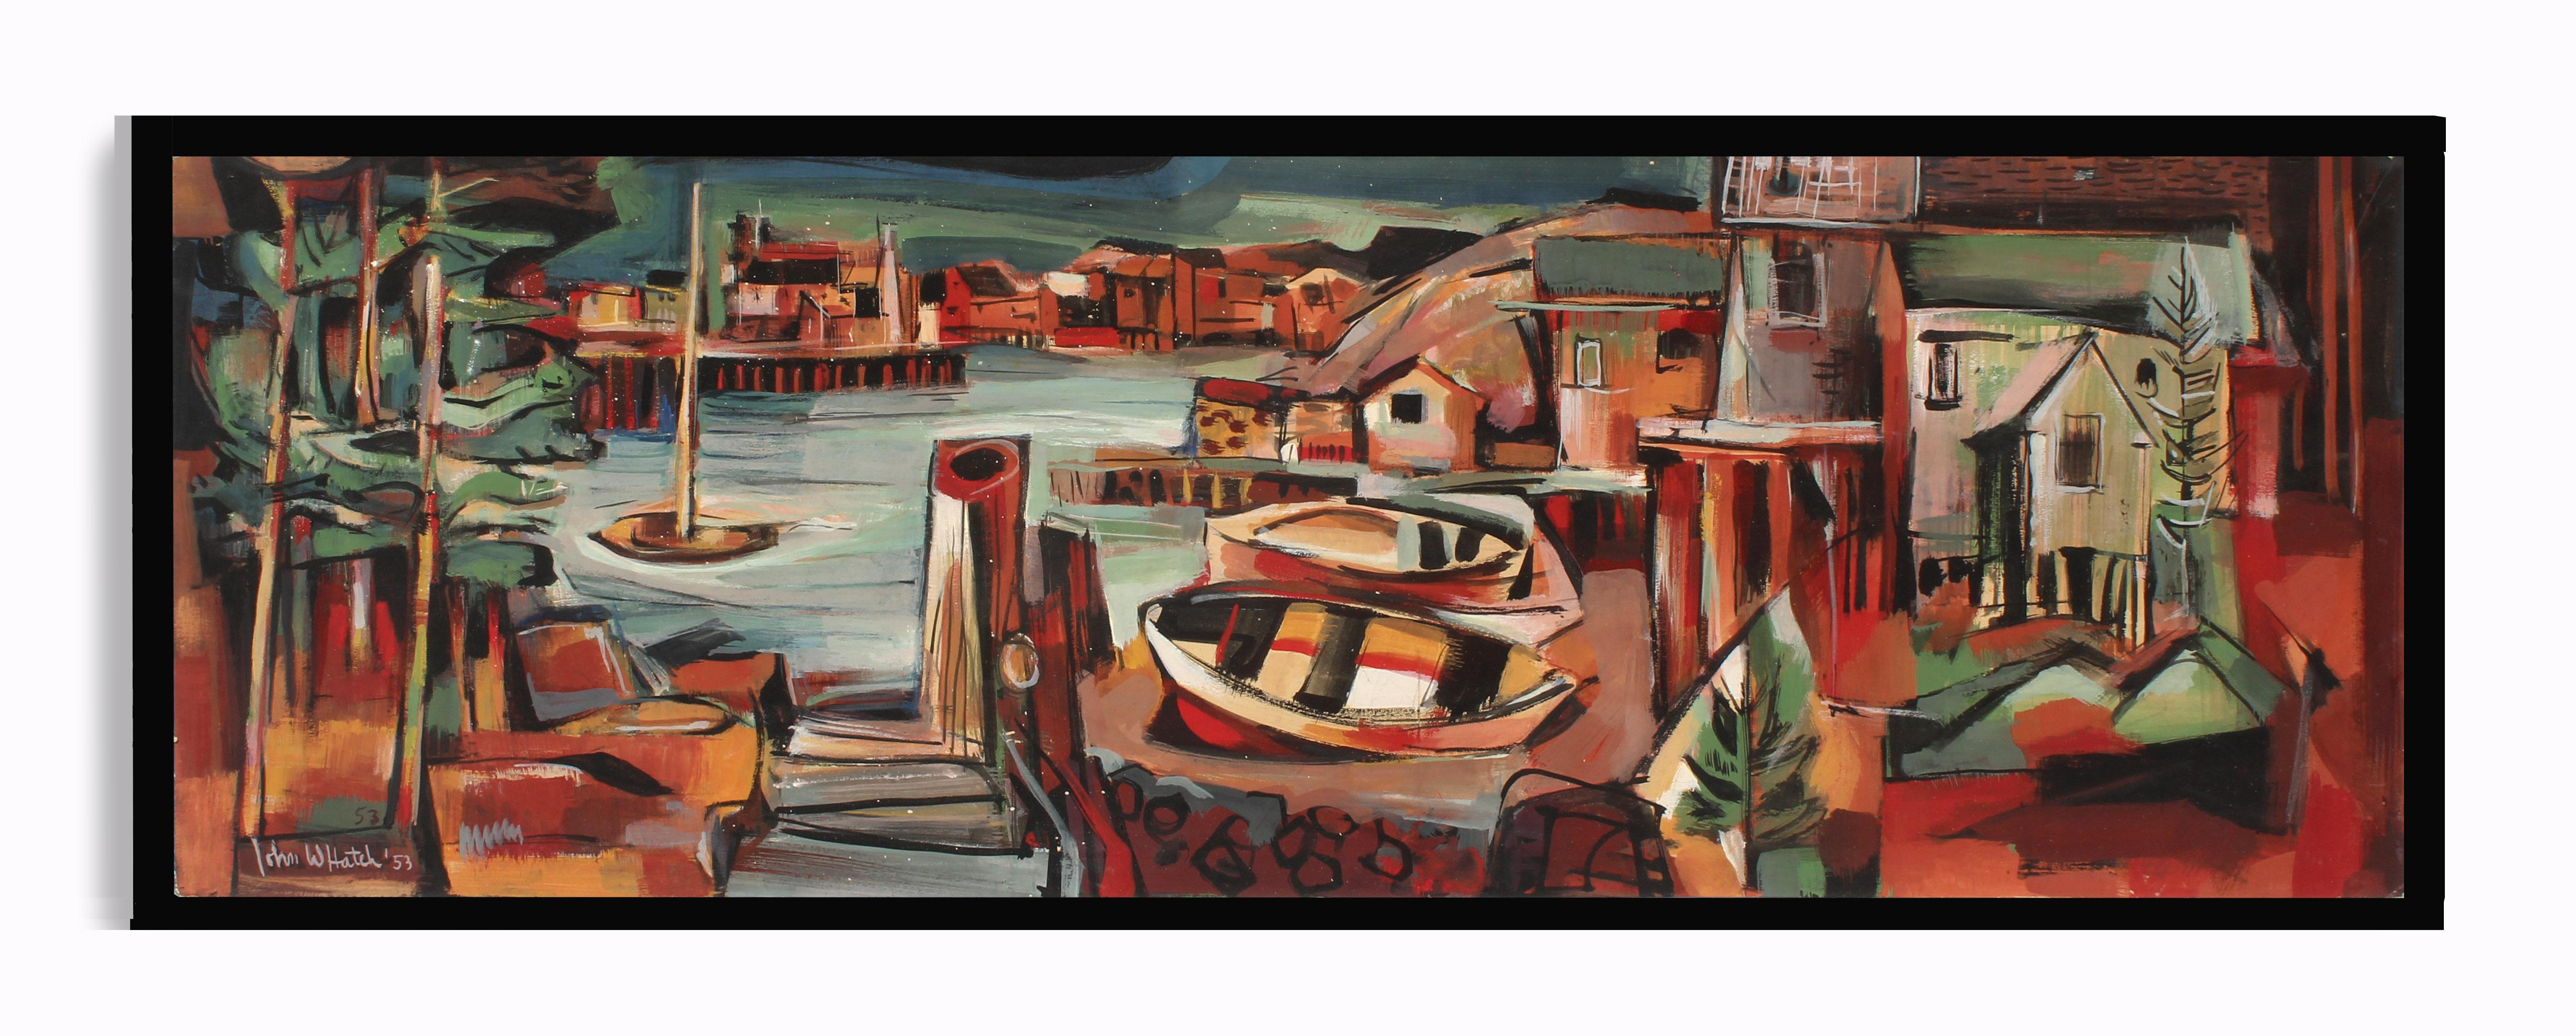 John Hatch American Cubist Landscape Oil Painting Colorful Harbor Seascape 1953